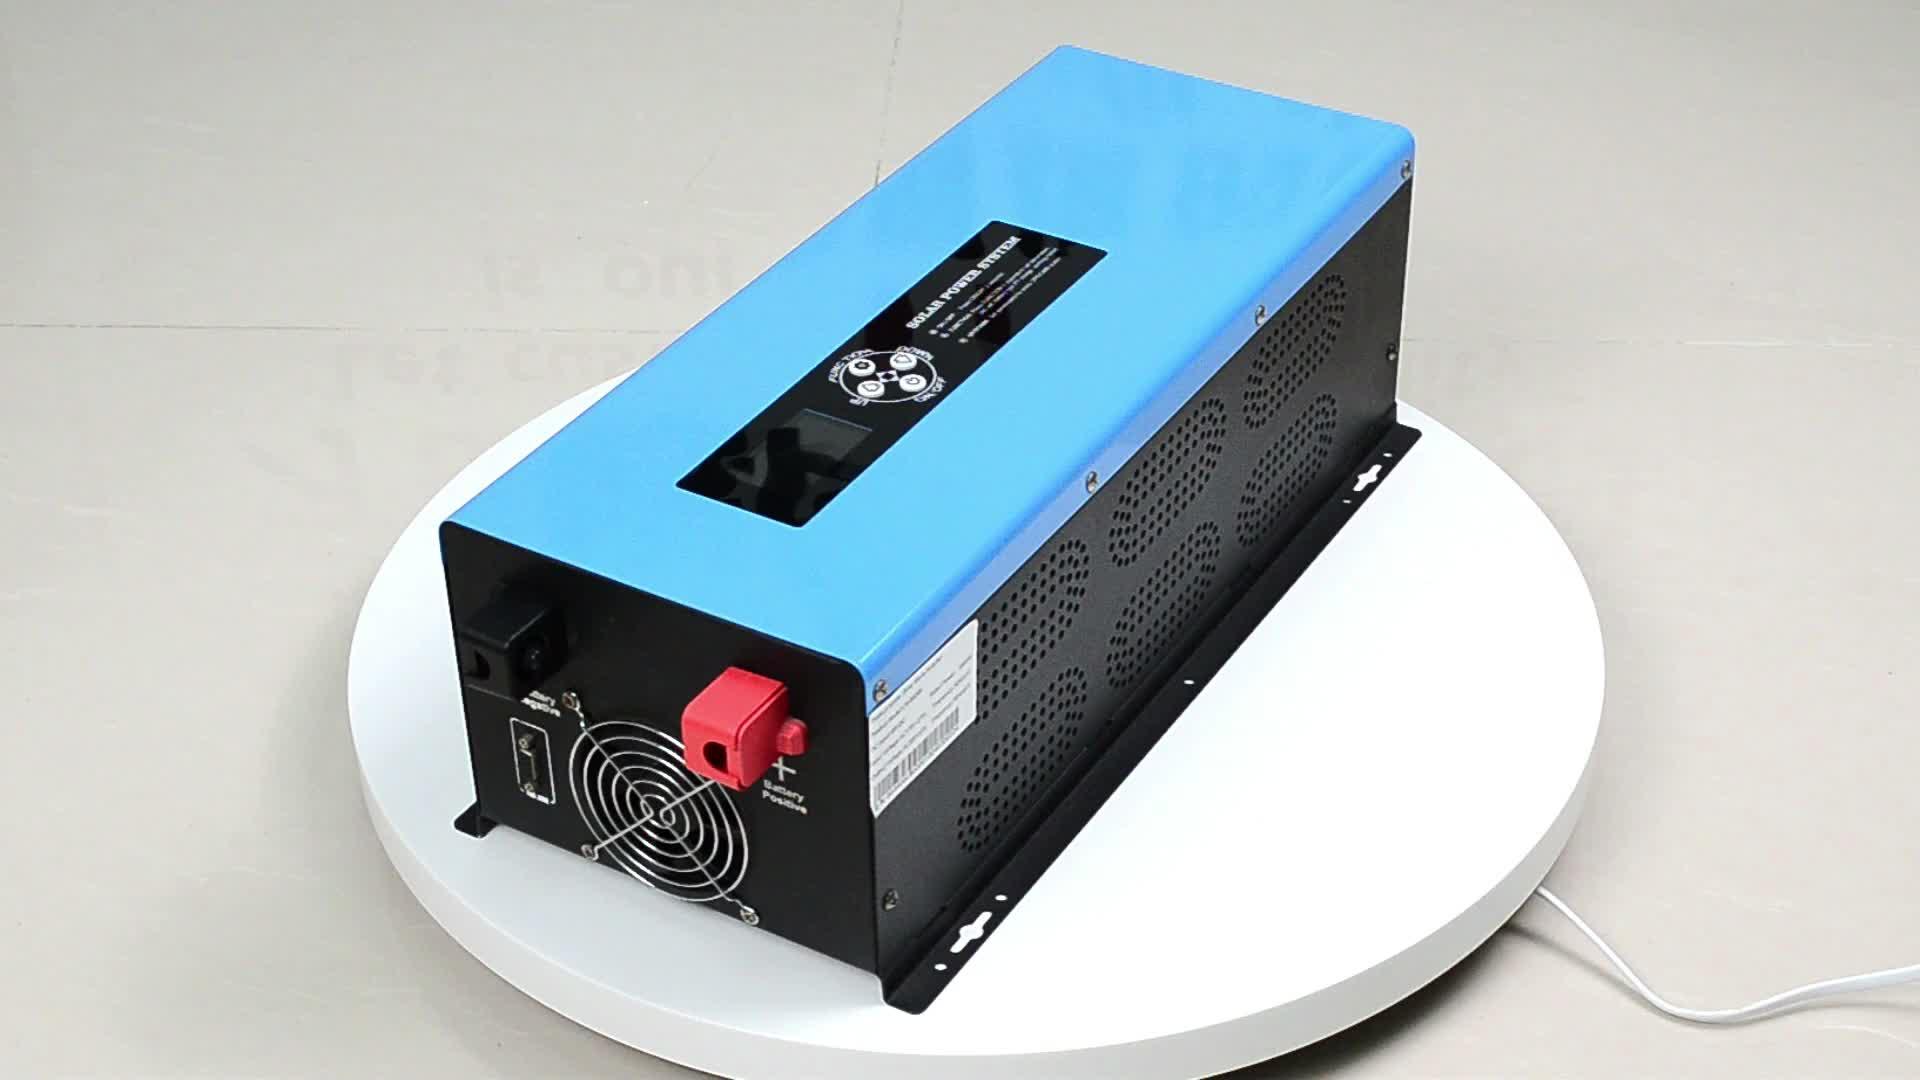 Nhà máy bán buôn DC để AC power inverter cho quạt sạc điều hòa không khí truyền hình 1000 Wát 1500 Wát 2000 Wát 3000 Wát 4000 wát 5000 wát